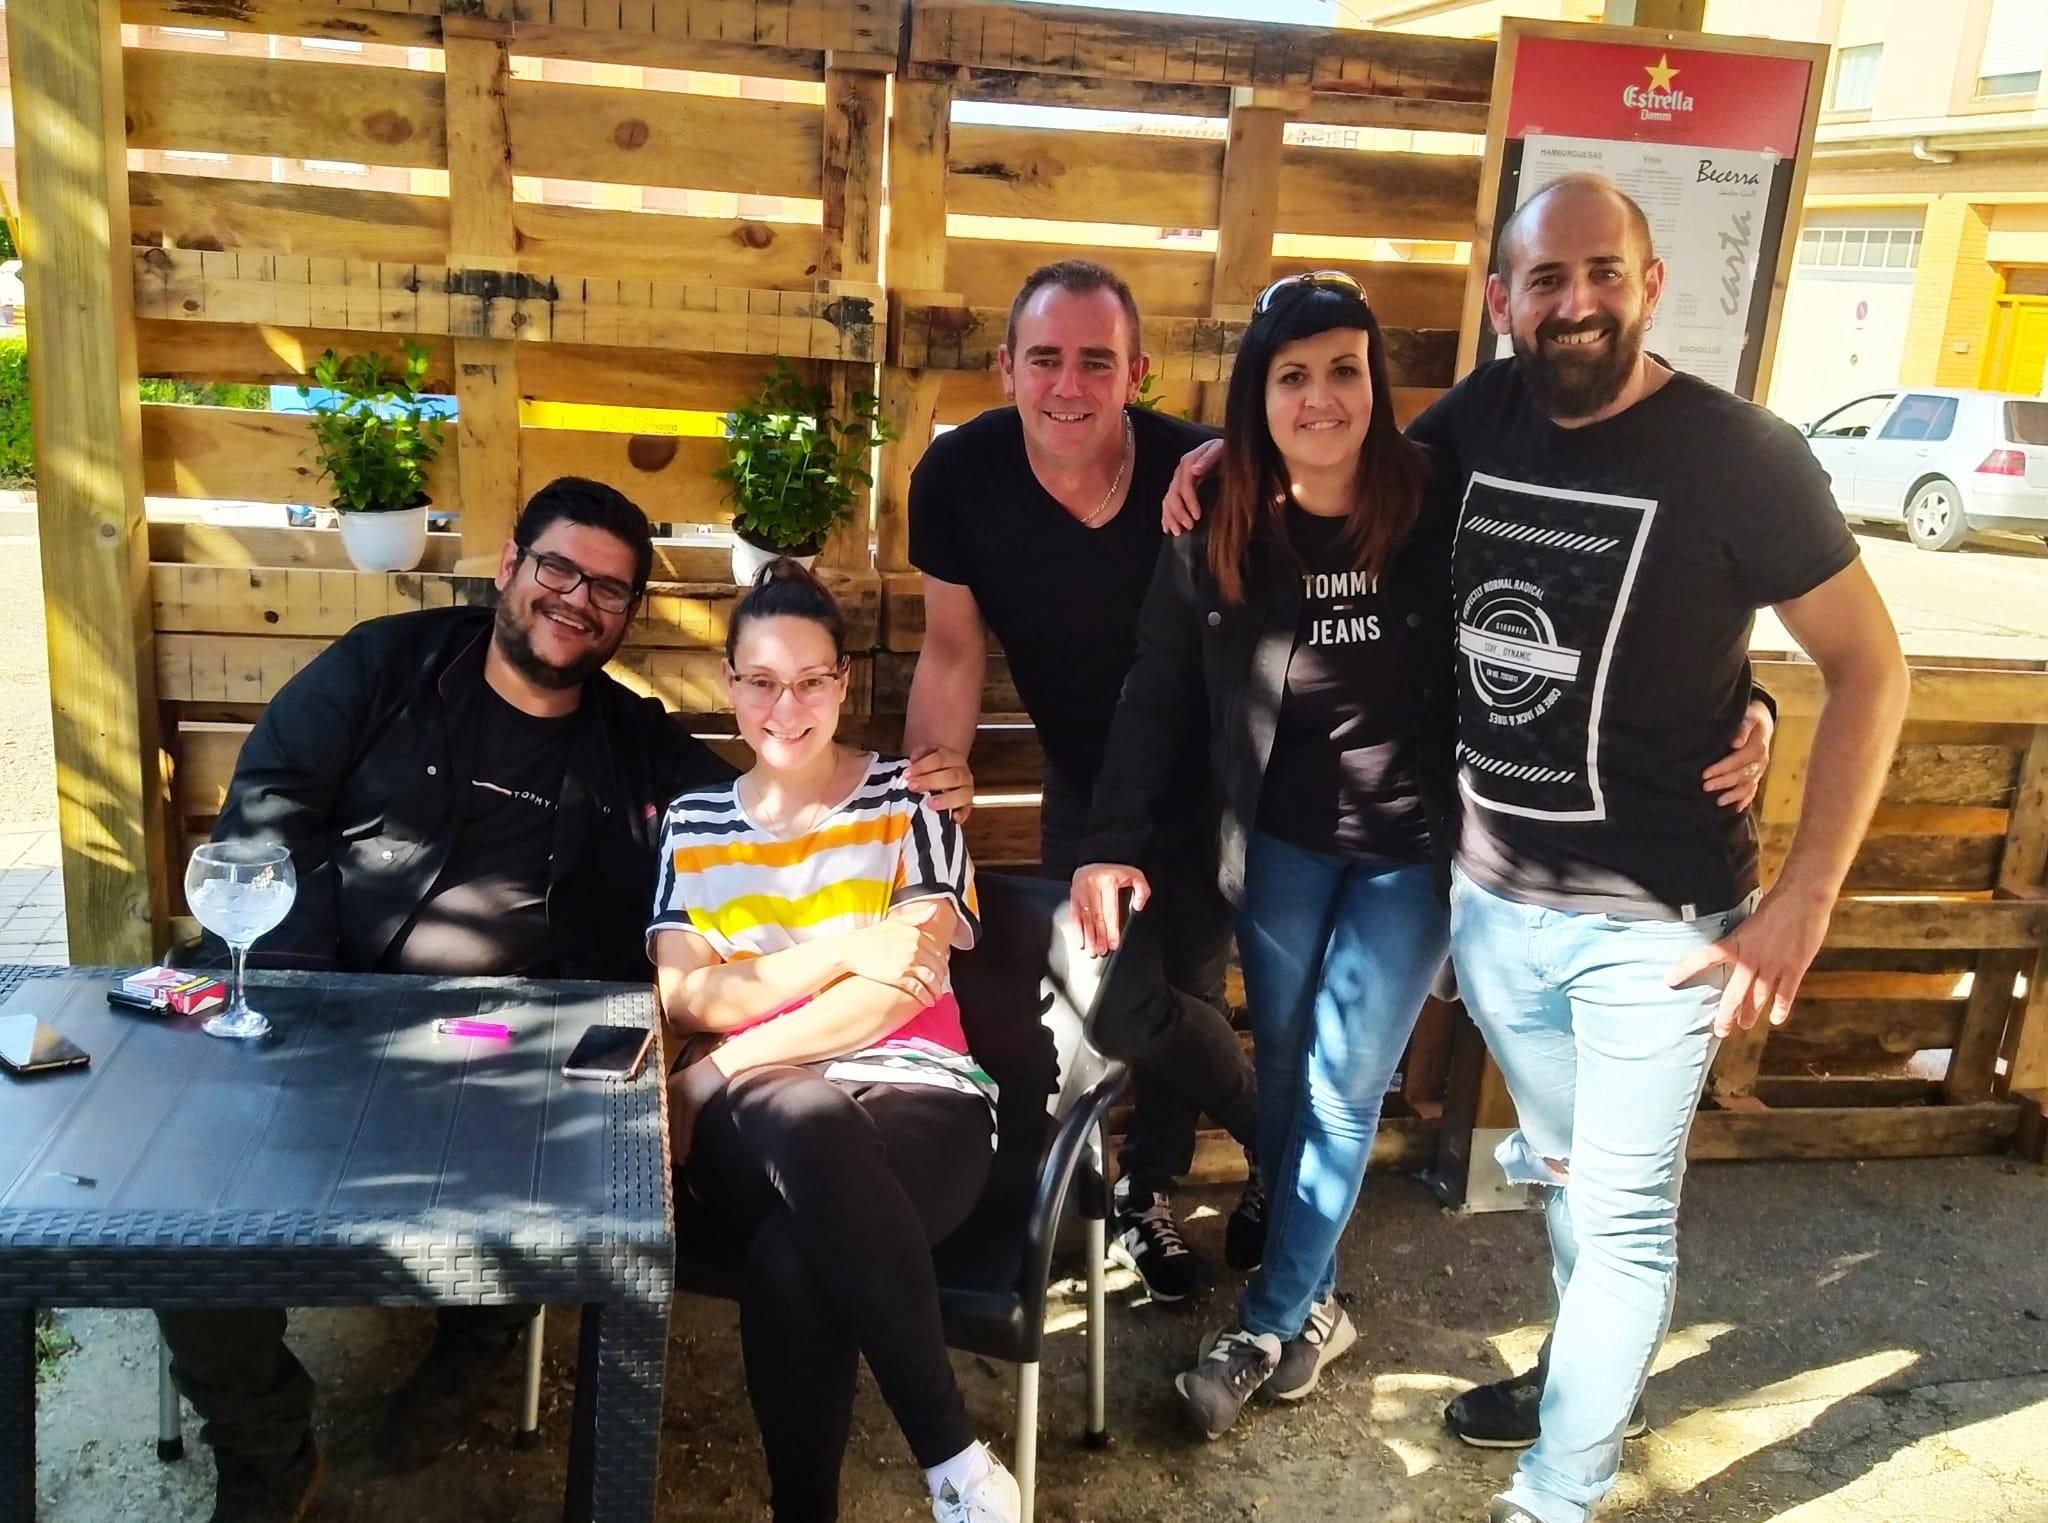 Emilio y Mario, del bar Becerra de Andorra, con unos clientes